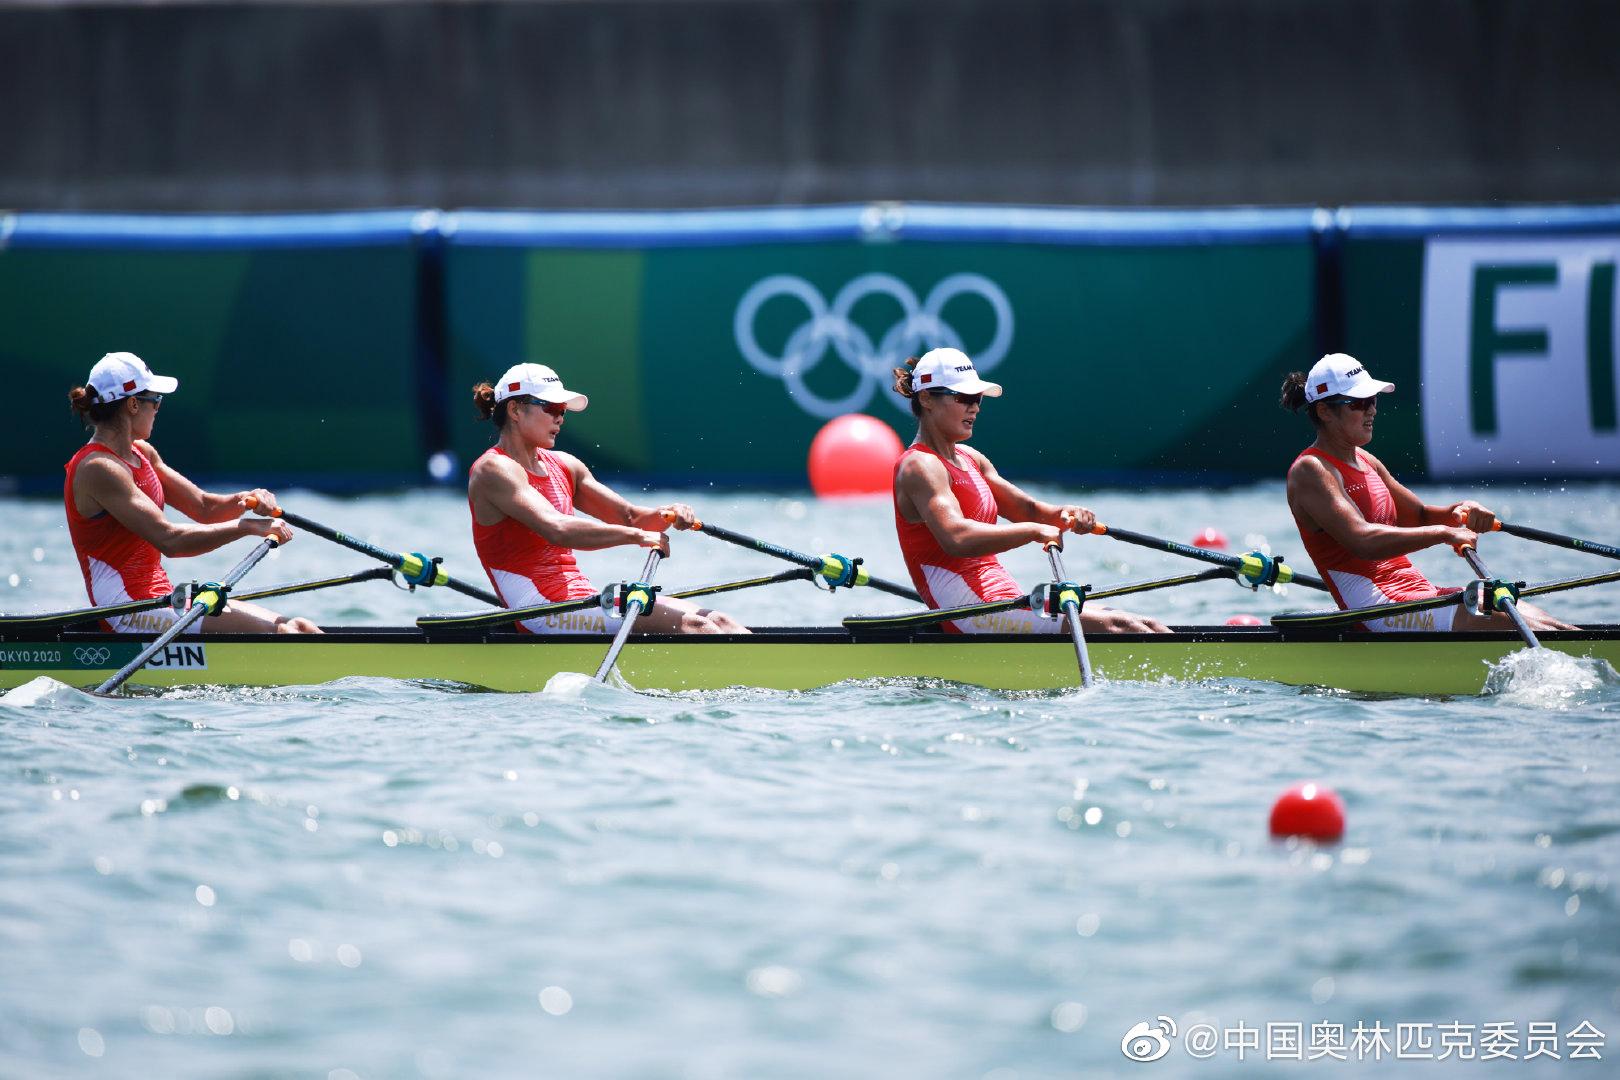 中国赛艇队女子四人双桨项目奥运会夺金